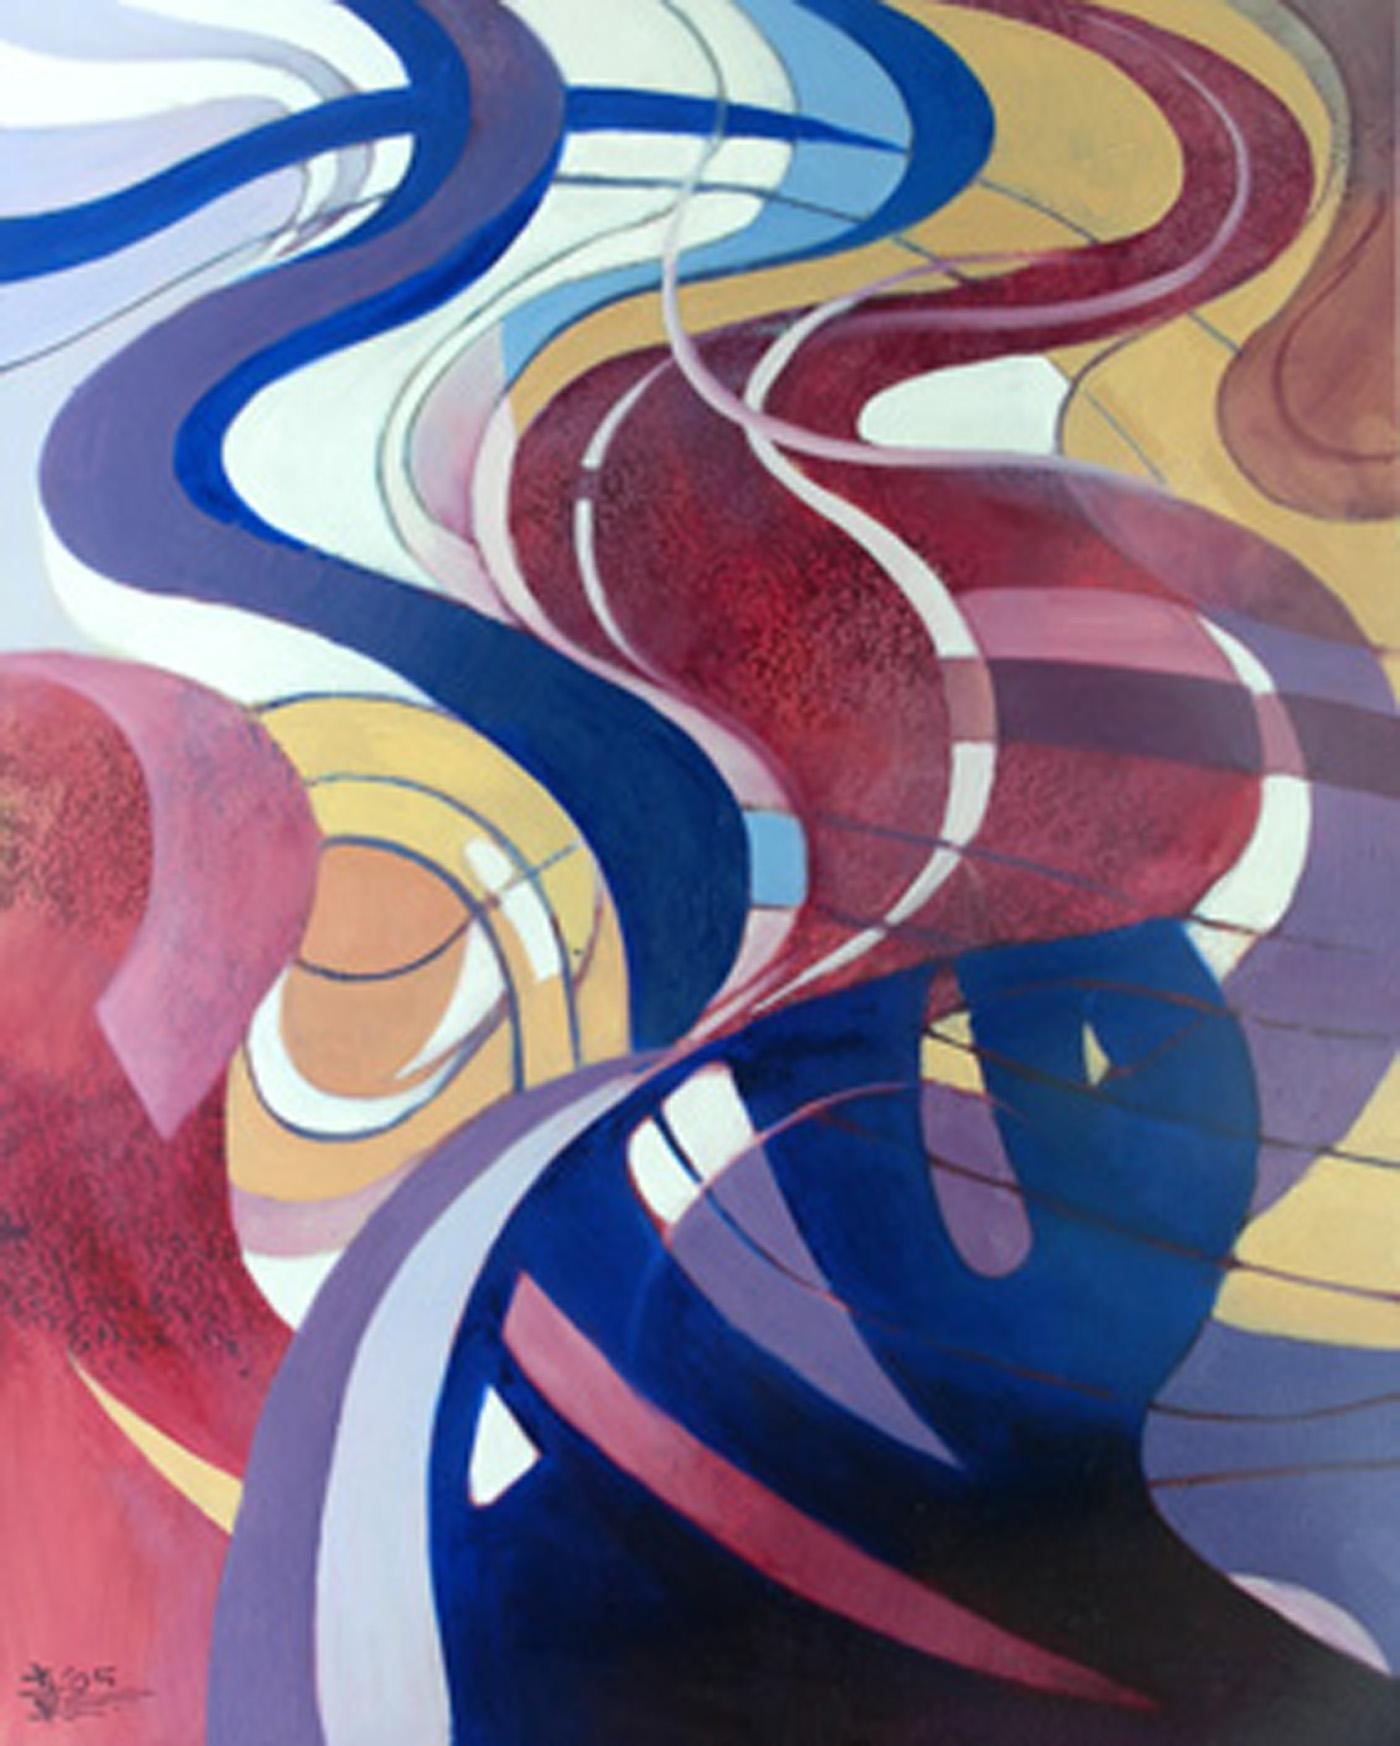 抽象画作品 蒙德里安抽象画作品 毕加索抽象画作品